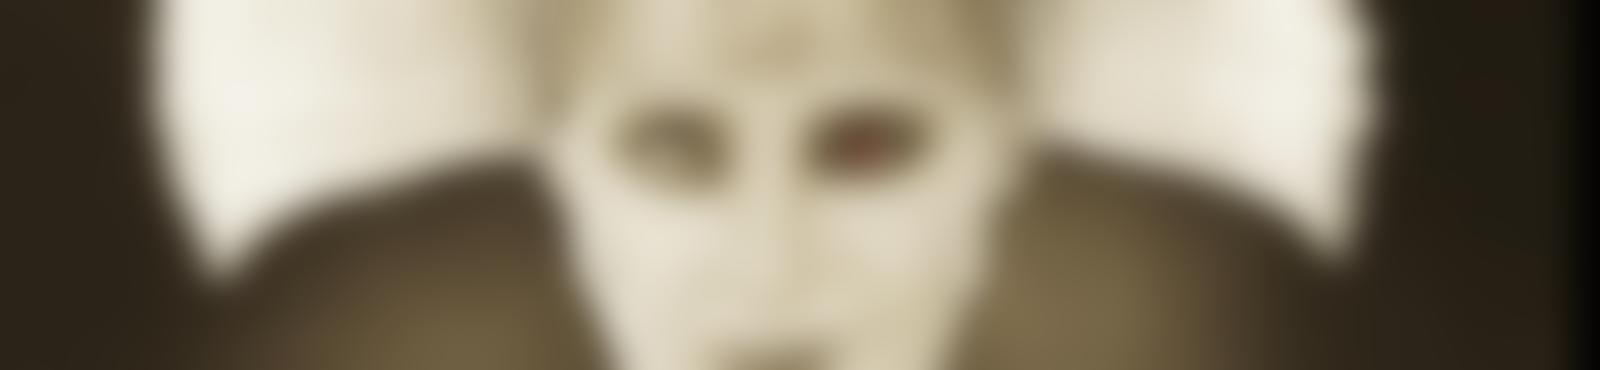 Blurred 5f944de8 361c 4238 bce7 ea40f040d3fb